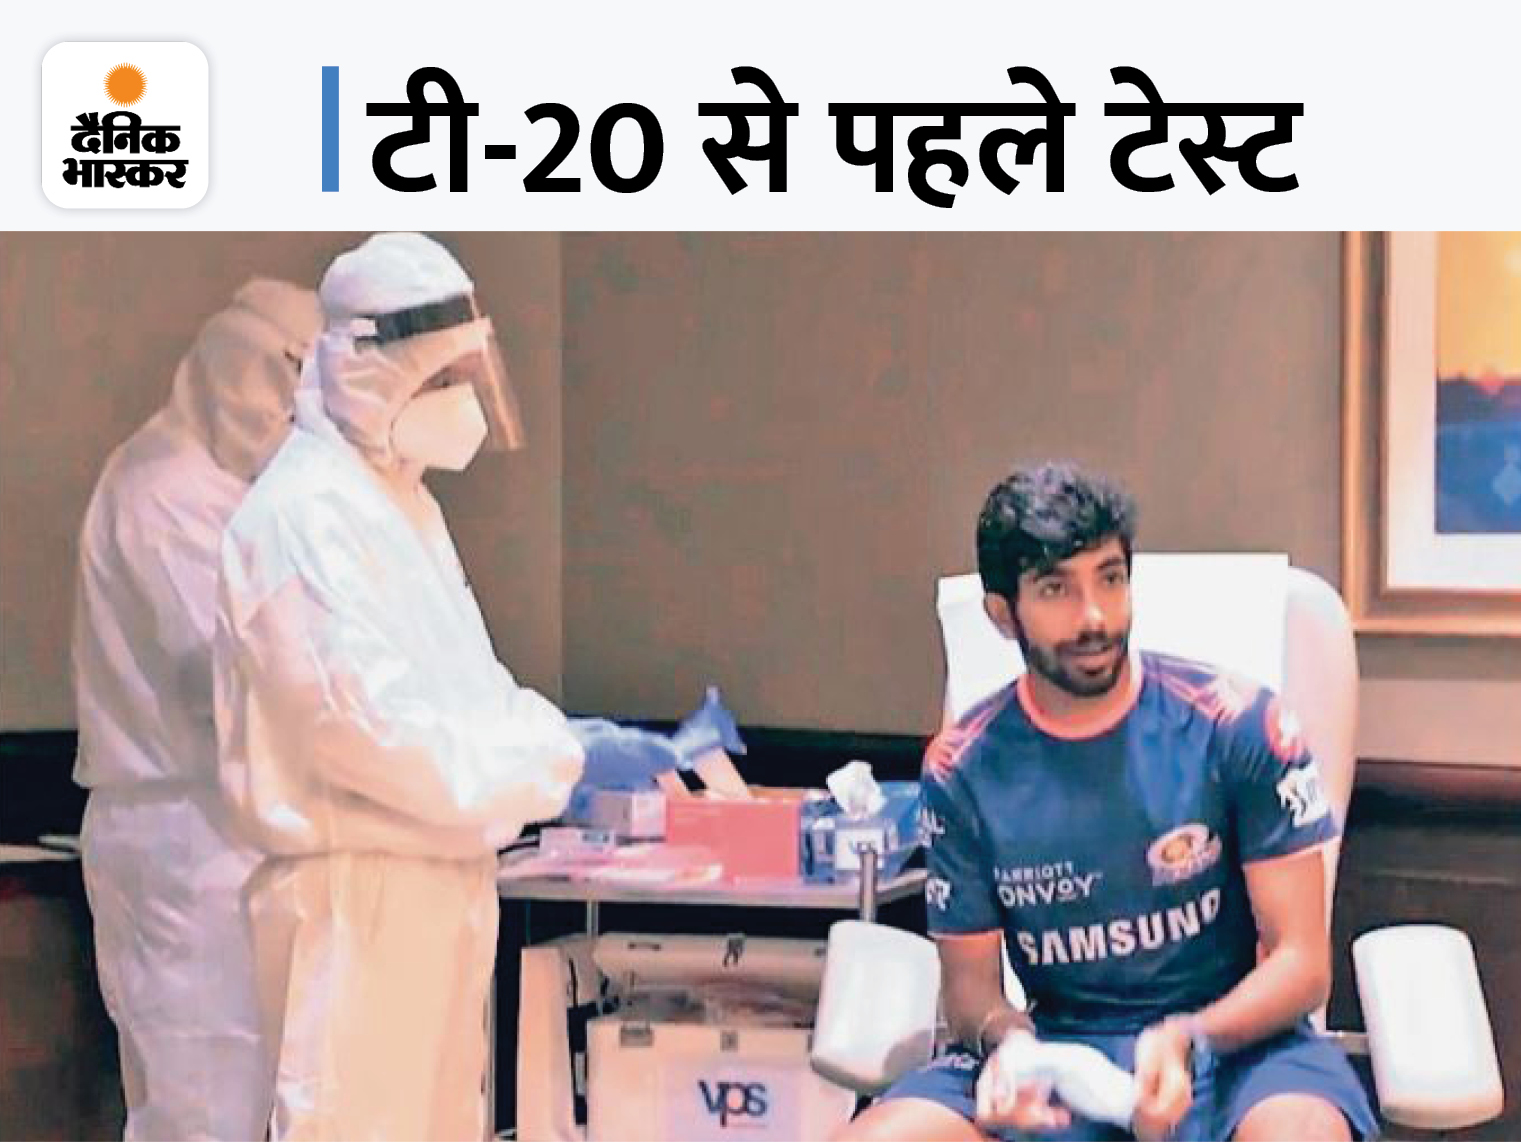 खिलाड़ियों के पहुंचने से पहले UAE के 14 होटलों के 750 से ज्यादा स्टाफ का कोरोना टेस्ट हुआ; पूरे टूर्नामेंट में 30 हजार टेस्ट होंगे|IPL 2021,IPL 2021 - Dainik Bhaskar